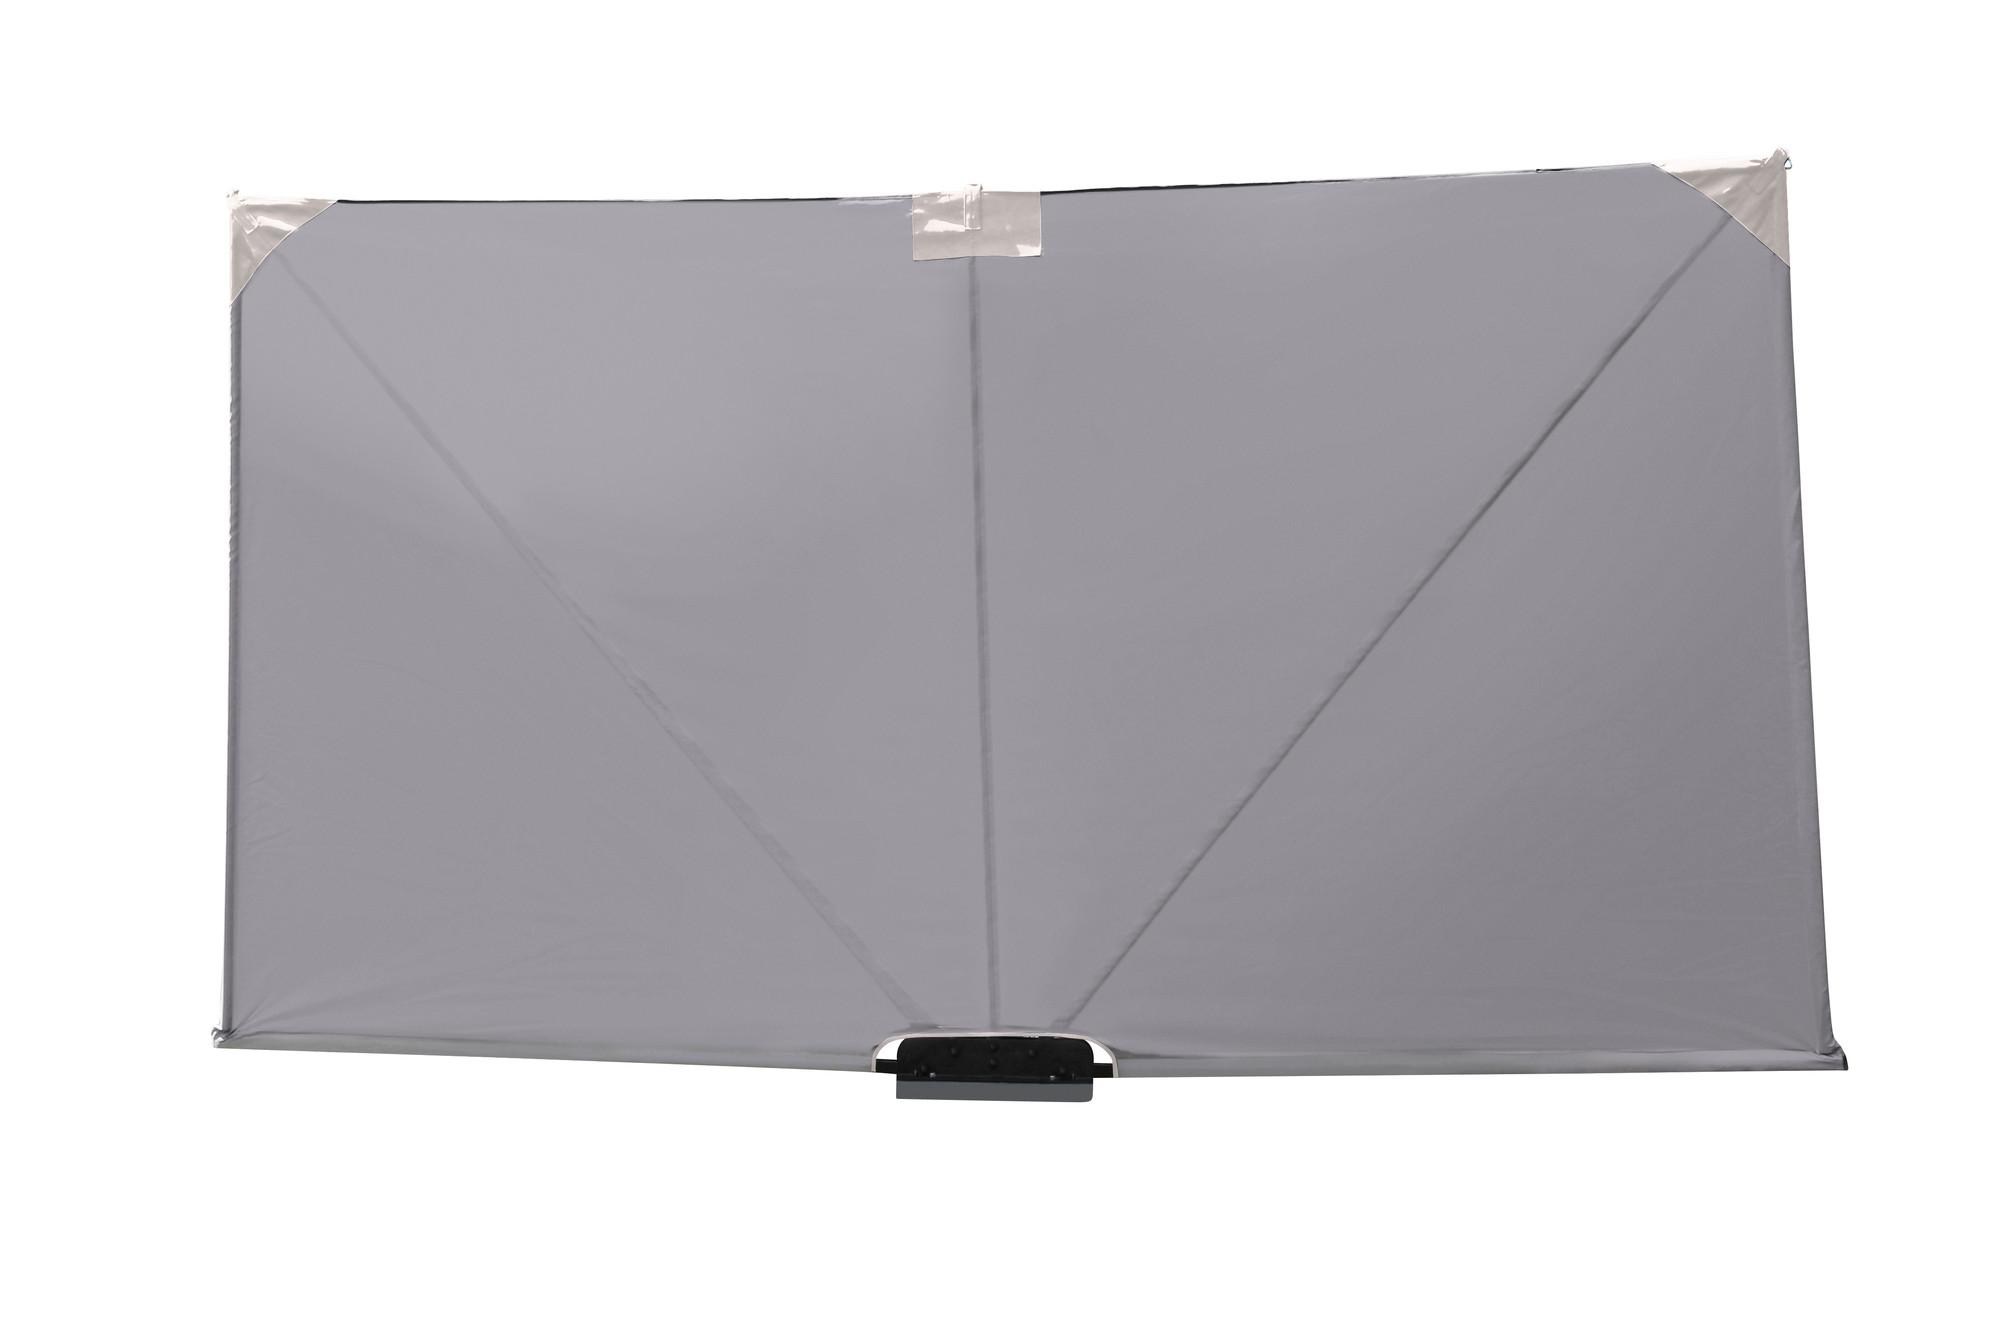 Van Wohi Leco Inklapbaar windscherm antraciet (24600 114) Prijsvergelijk nu!